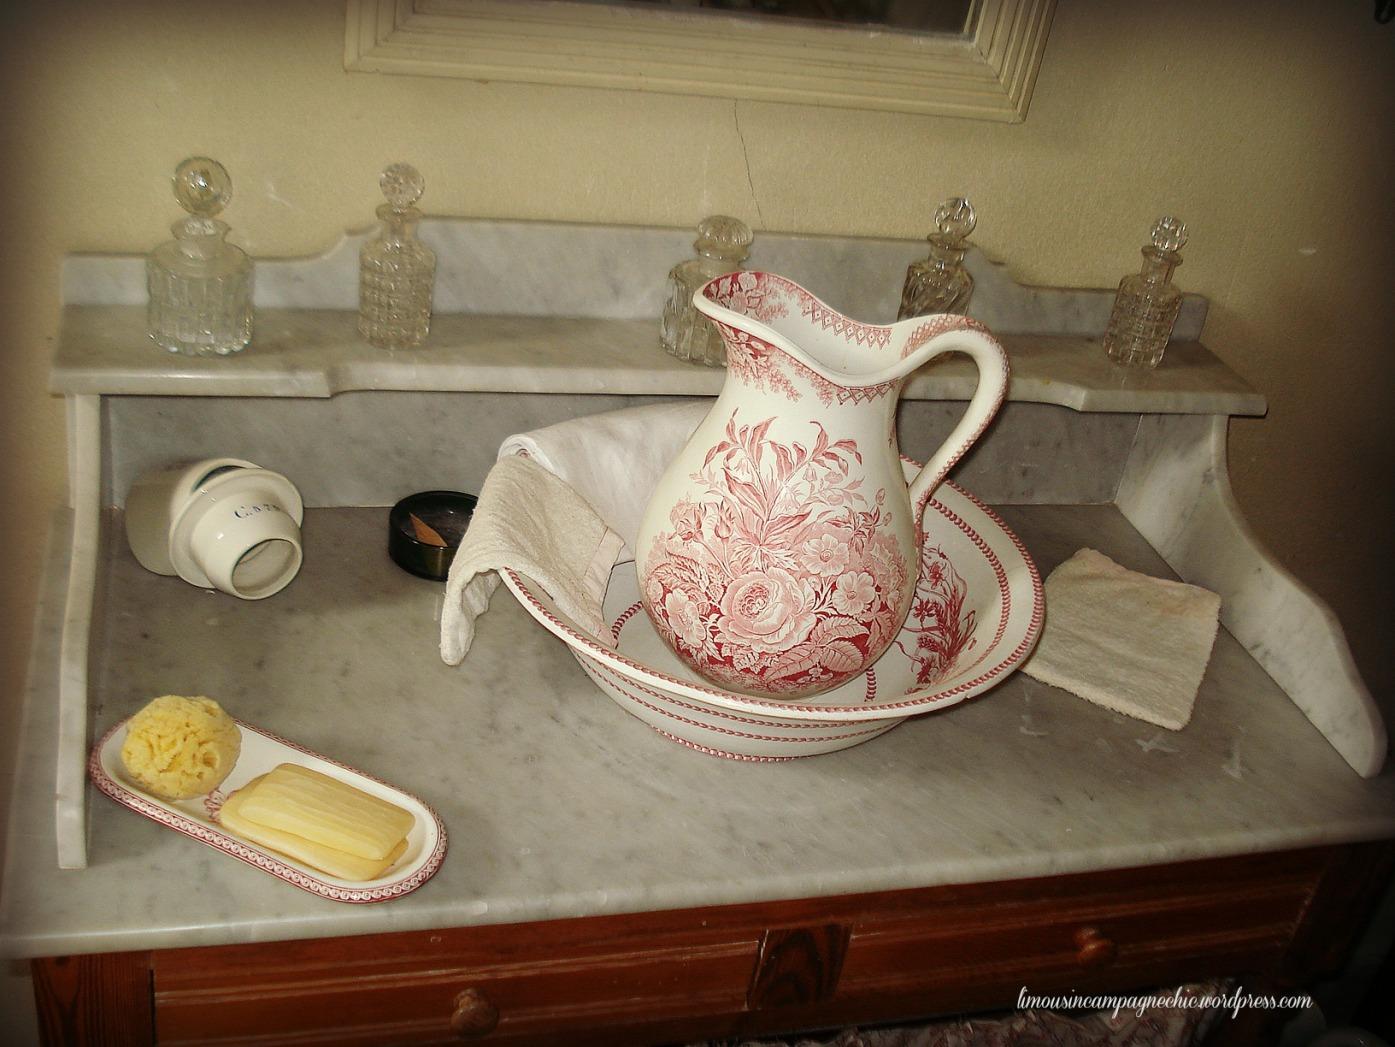 Salle de bain vintage - Vintage bathroom